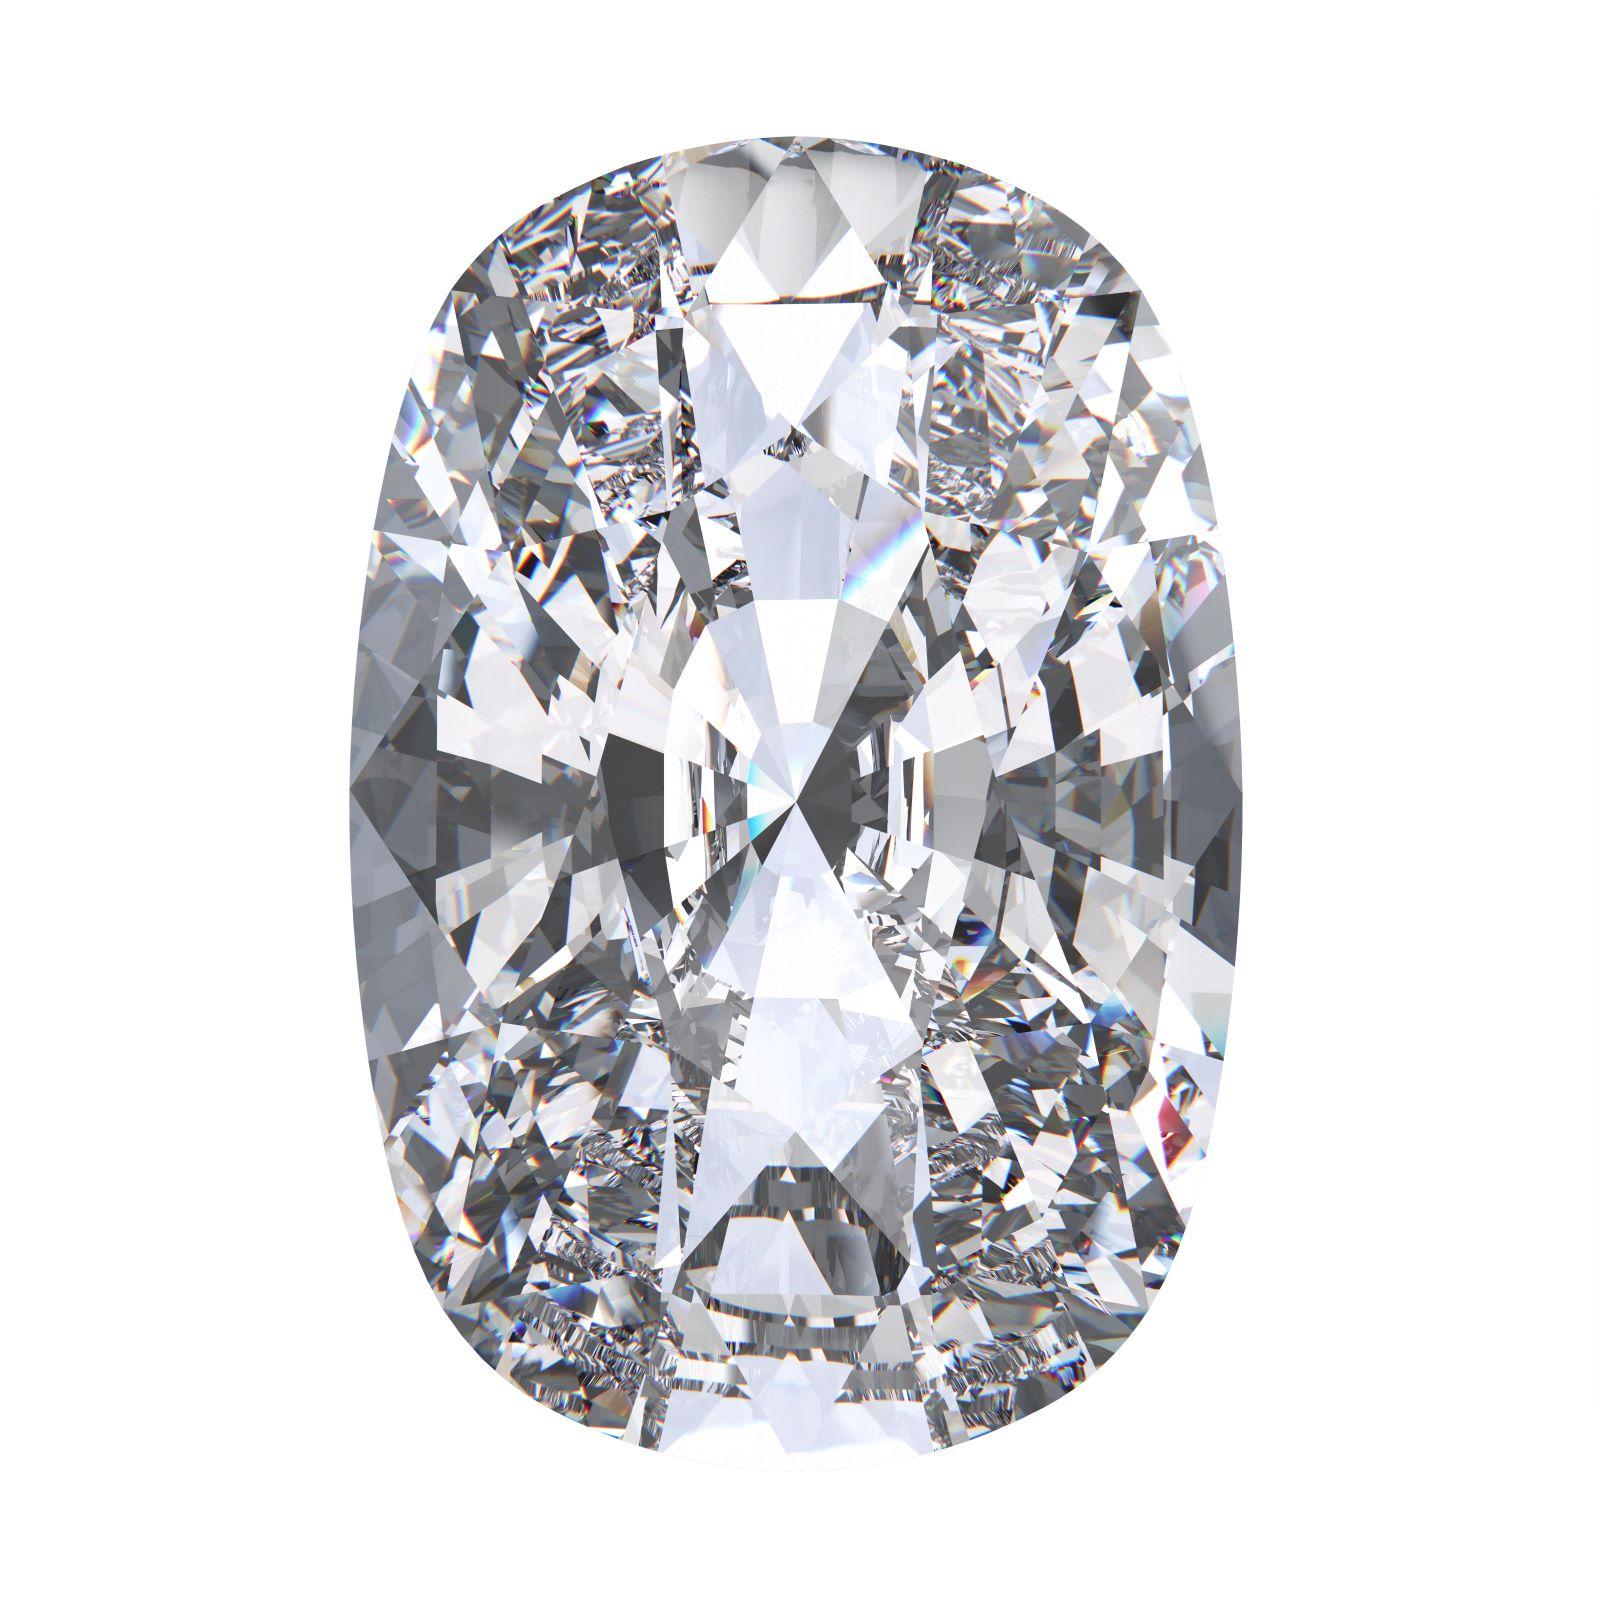 Diamant mit Kissenschliff auf weißem Hintergrund